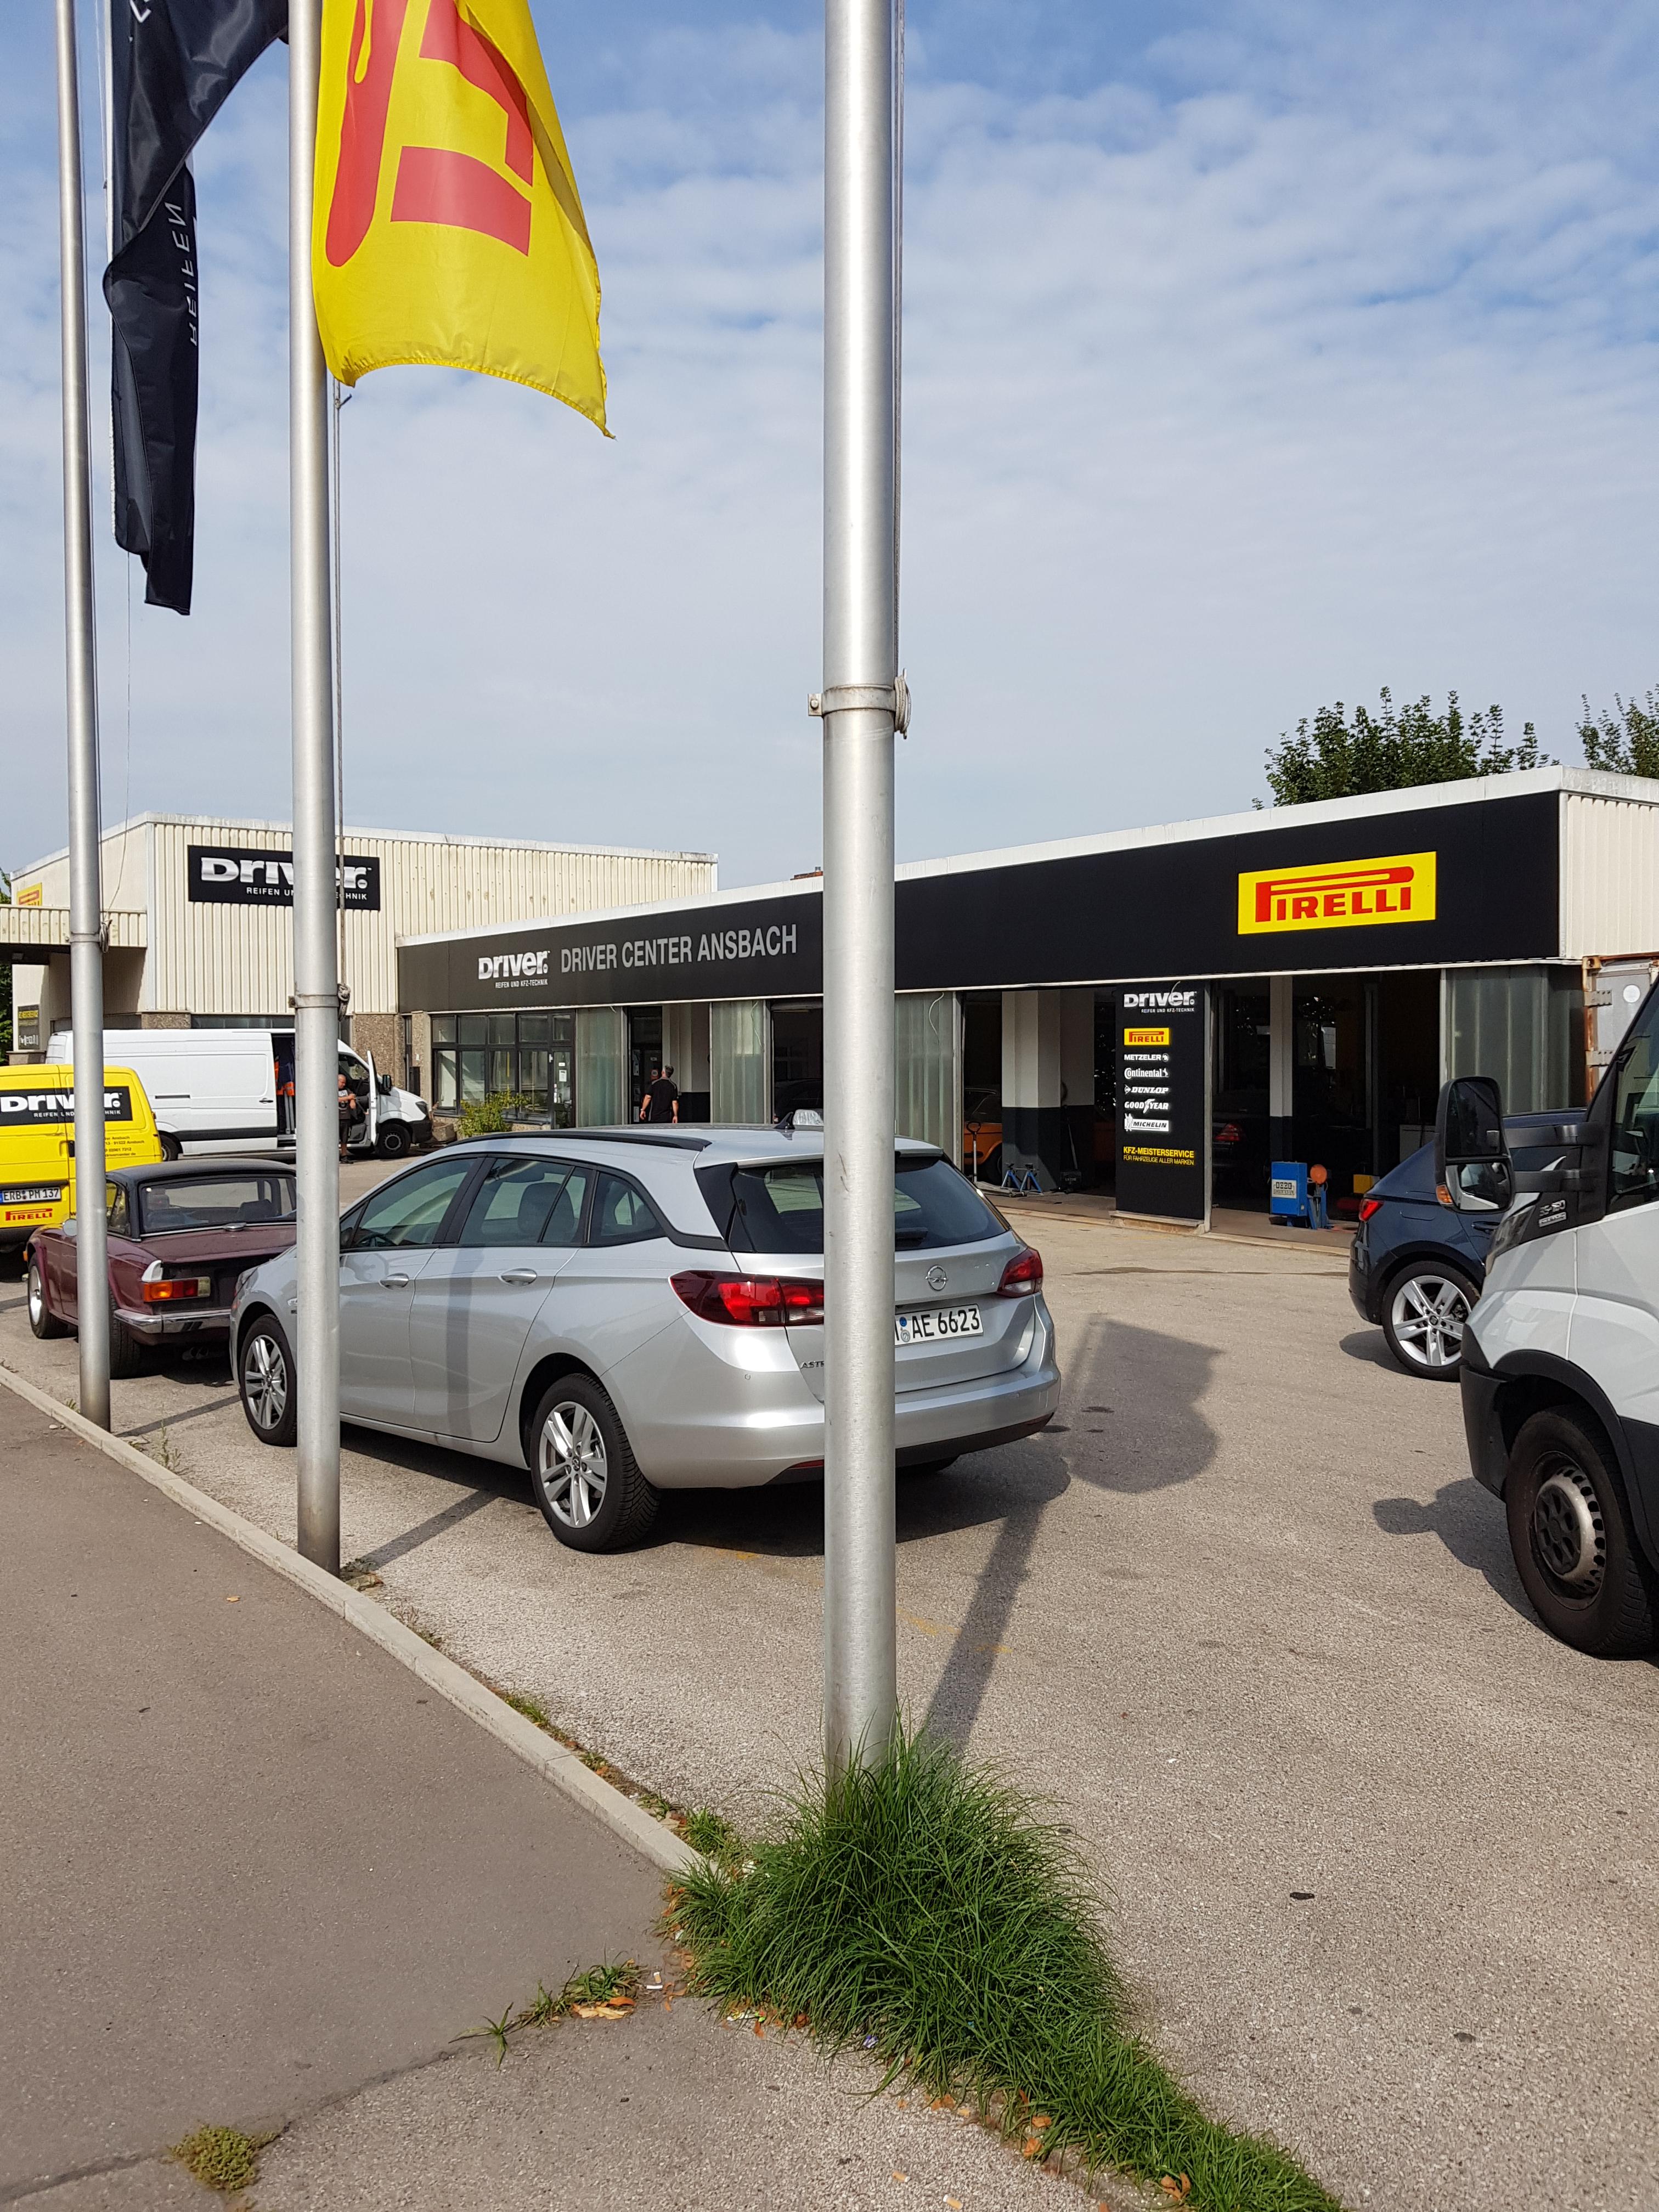 DRIVER CENTER ANSBACH - DRIVER REIFEN UND KFZ-TECHNIK GMBH